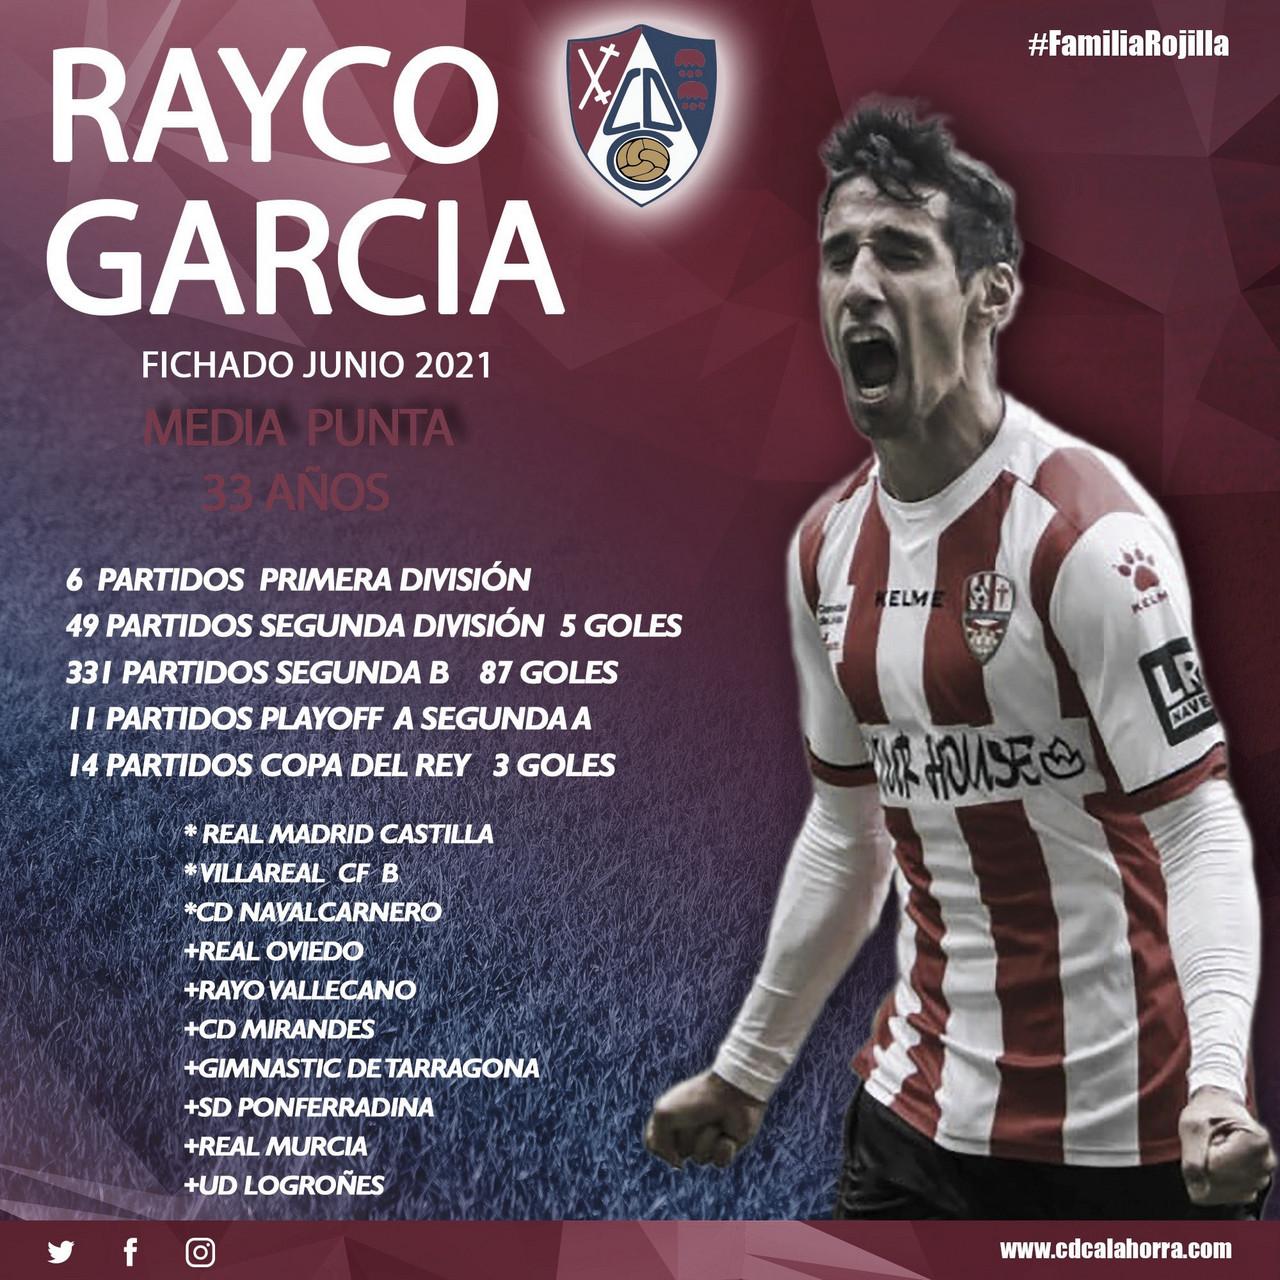 Rayco García, canterano blanco, firma por el CD Calahorra